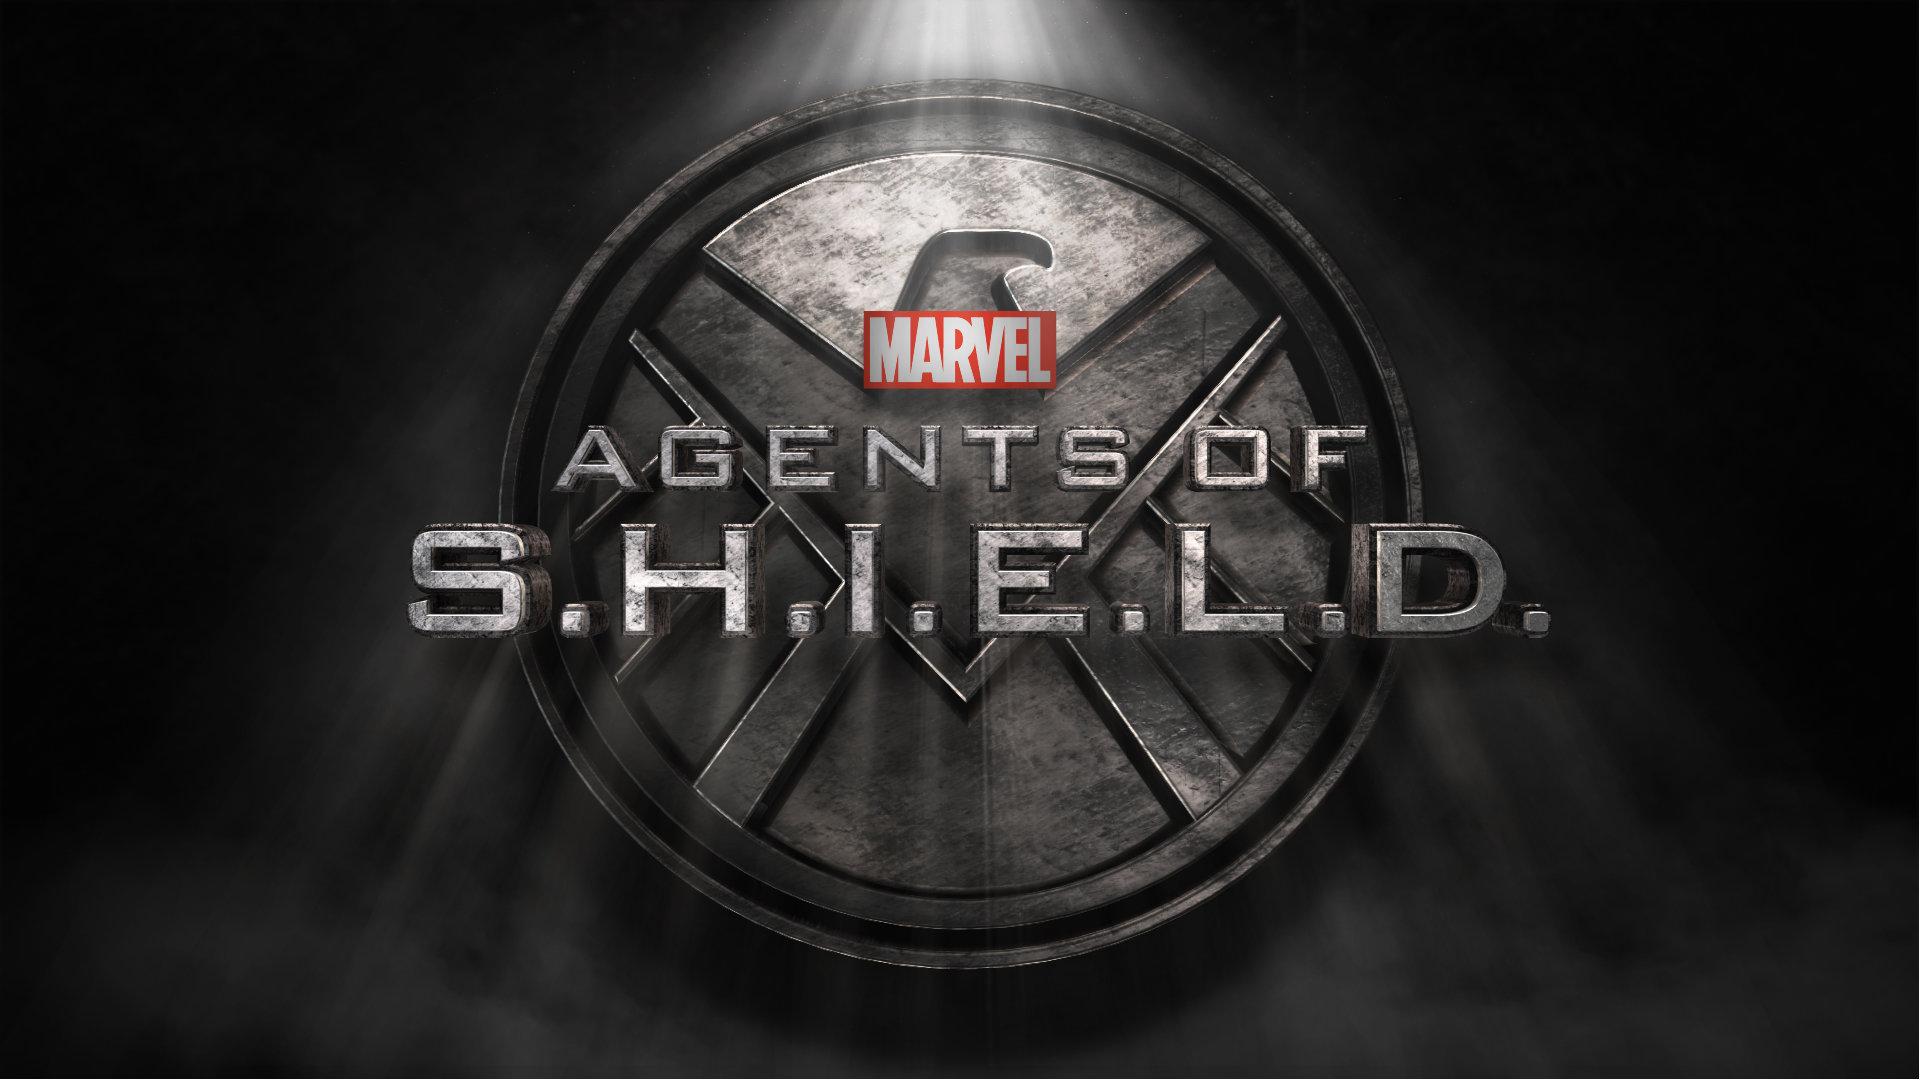 Jason O'Mara será el nuevo director en Agents of S.H.I.E.L.D.